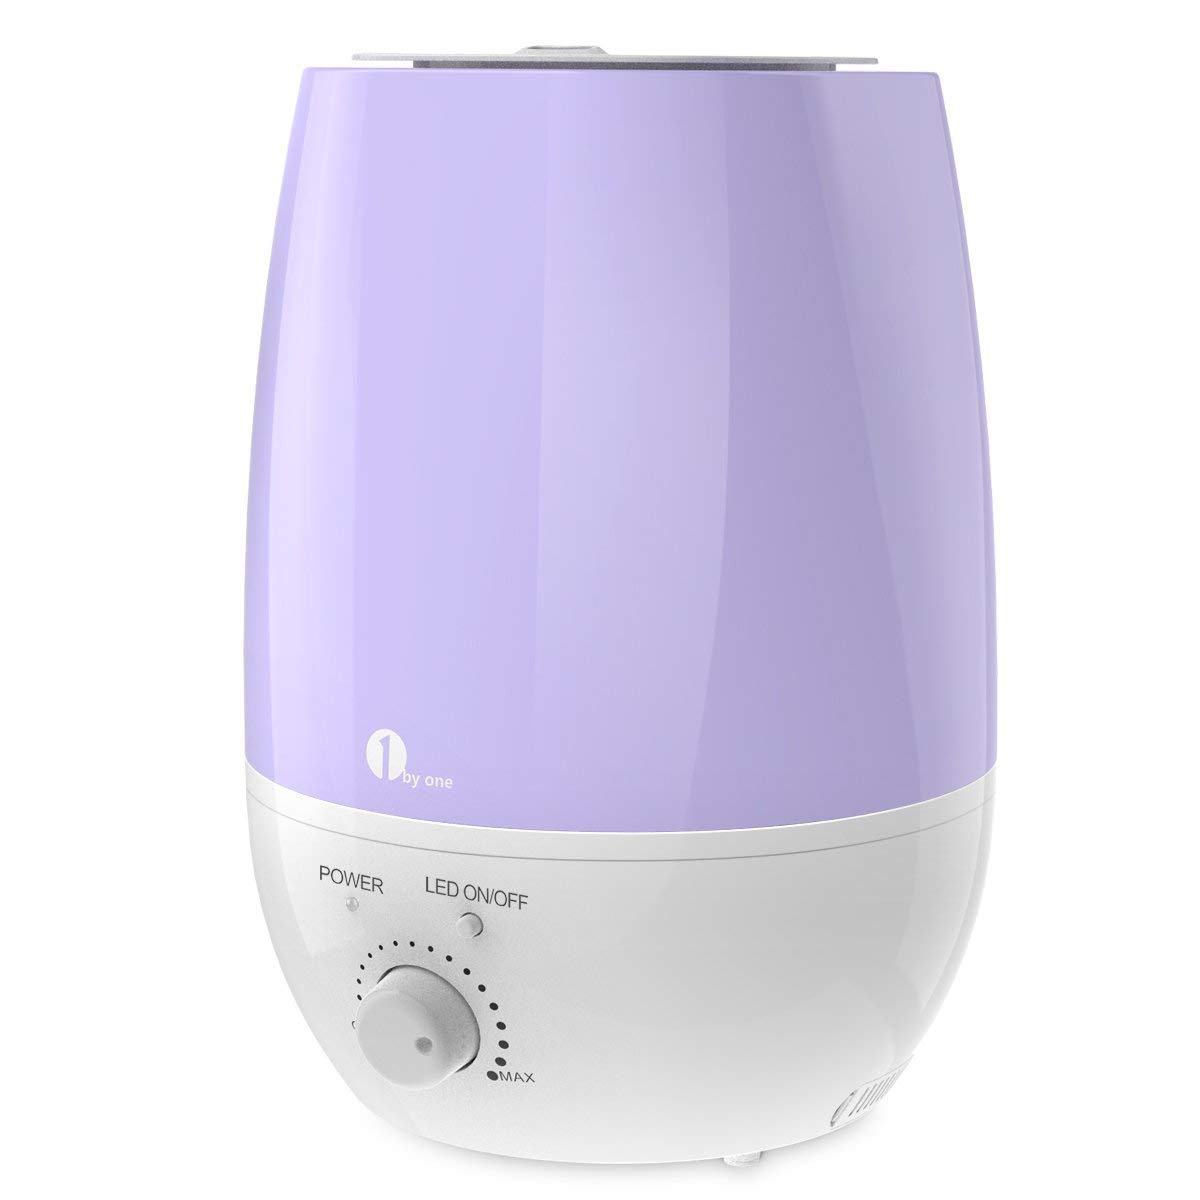 1byone Luftbefeuchter Ultraschall Ionen, 6 Liter Leise Raumbefeuchter mit Filter, Abschaltautomatik, LED Lichter für Baby und Kinder Raum 1 BY ONE